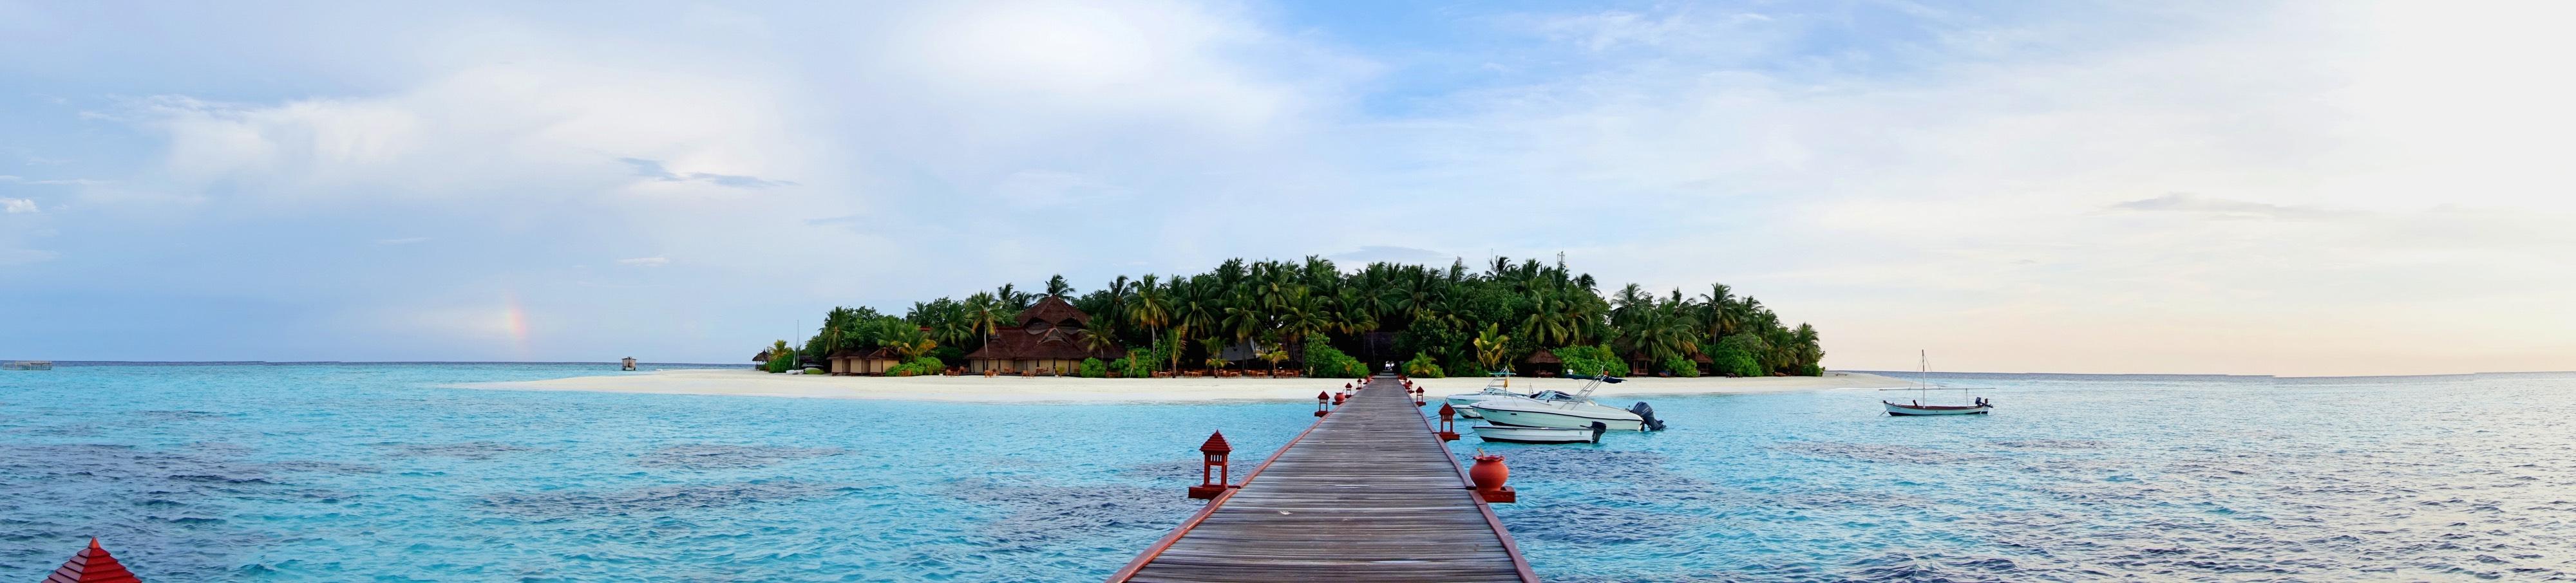 Île Vabbinfaru - Maldives : 10 raisons pourquoi ça devrait être ta prochaine destination de rêve - Nomad Junkies